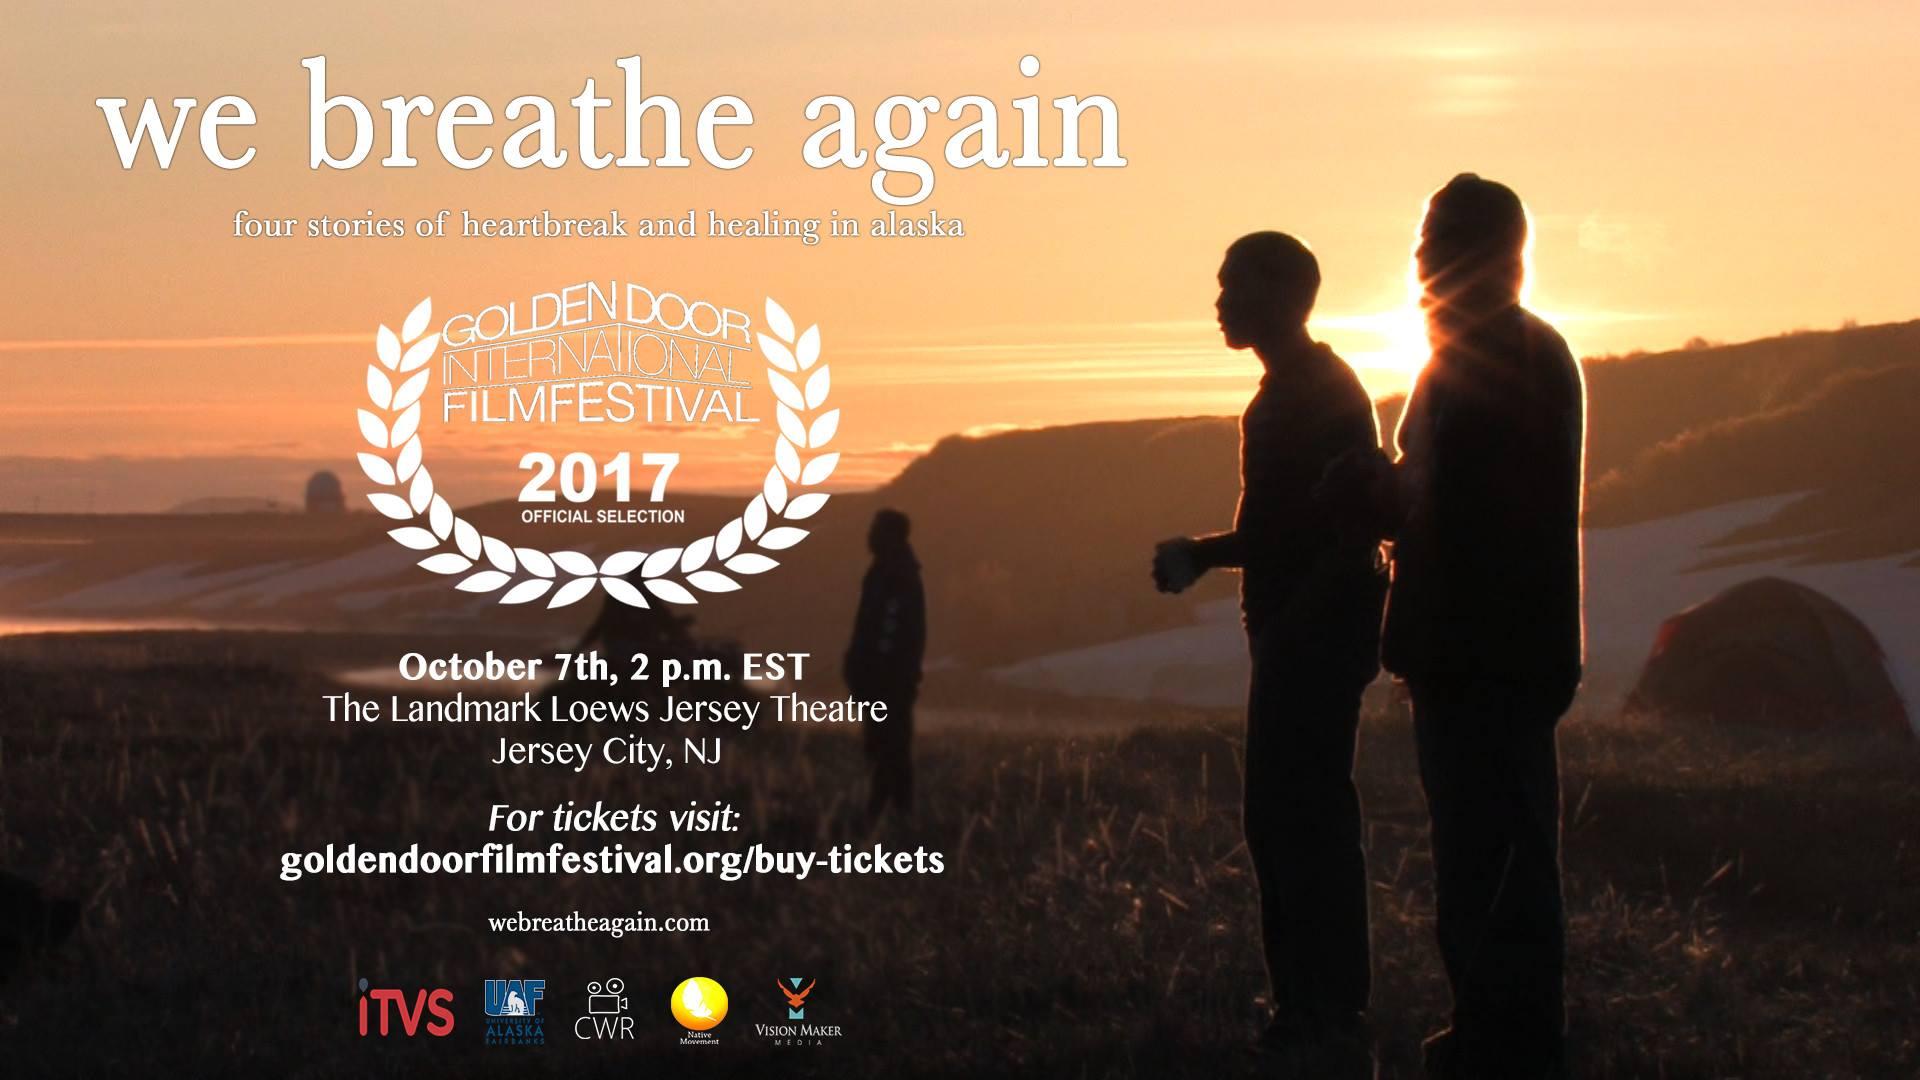 Golden Door International Film Festival    Saturday, October 7, 2017